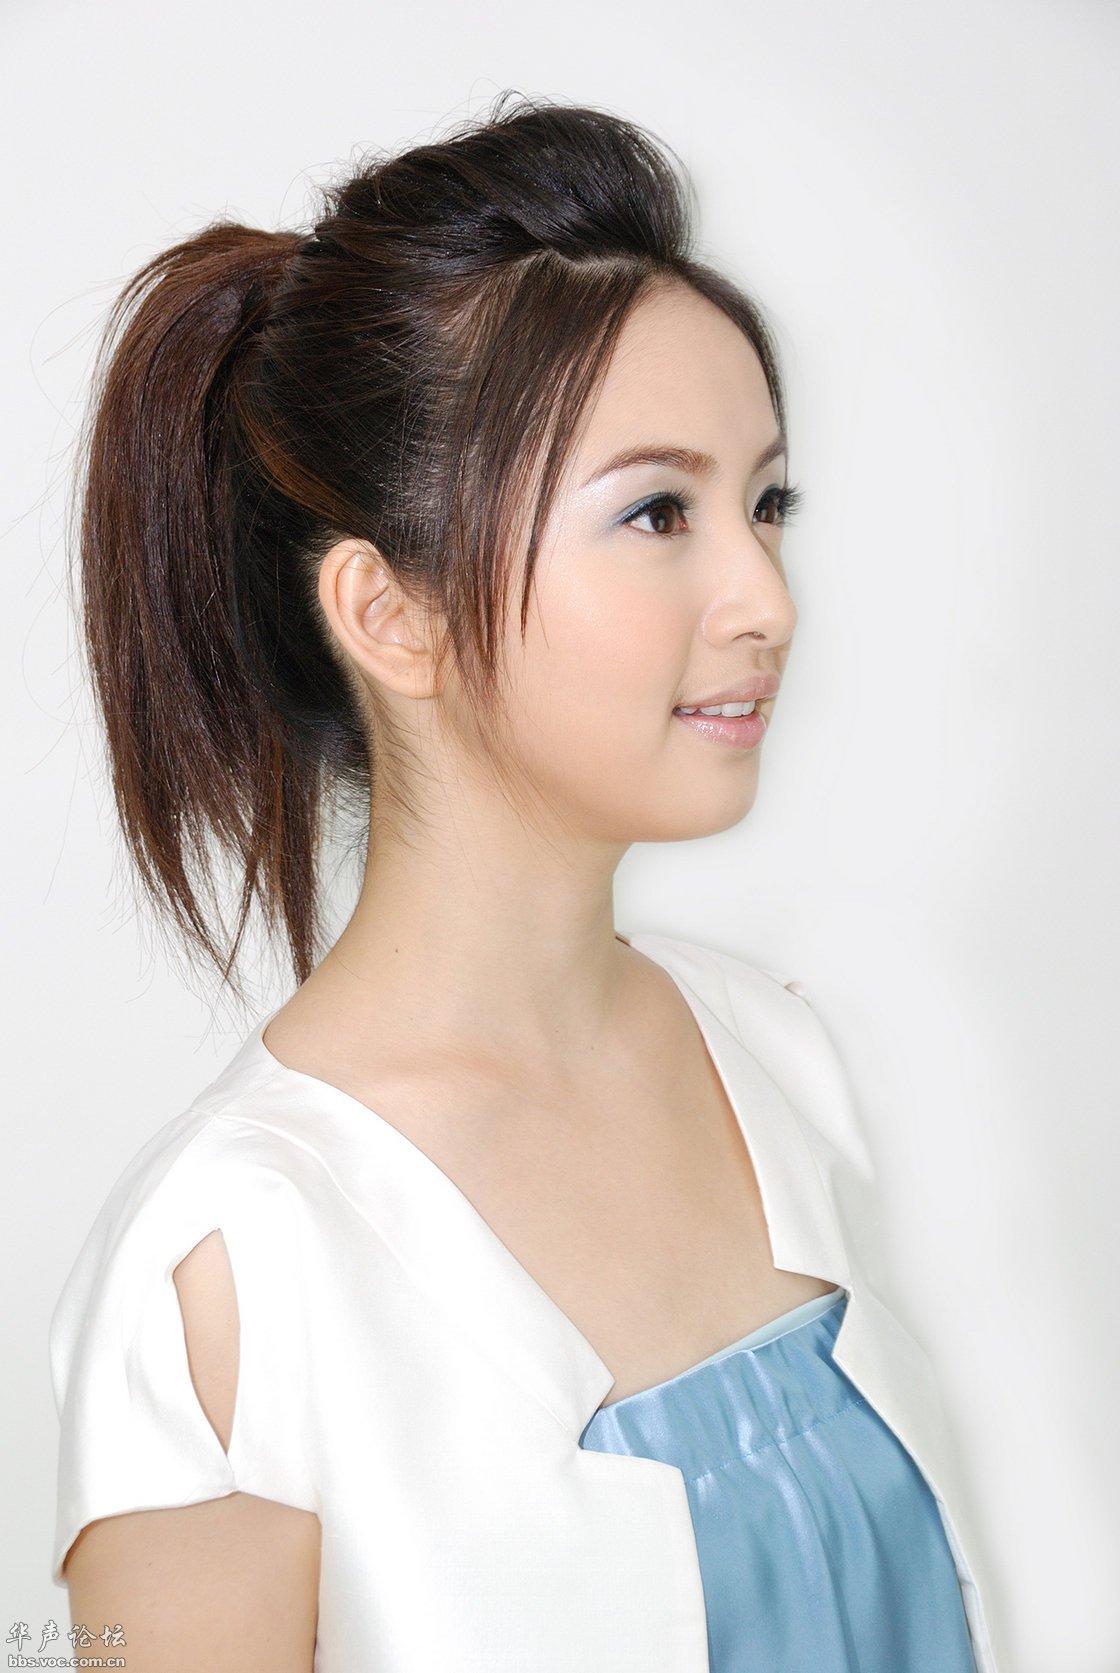 林依晨,台湾著名偶像剧演员----高清大图 - 美女贴图 ...